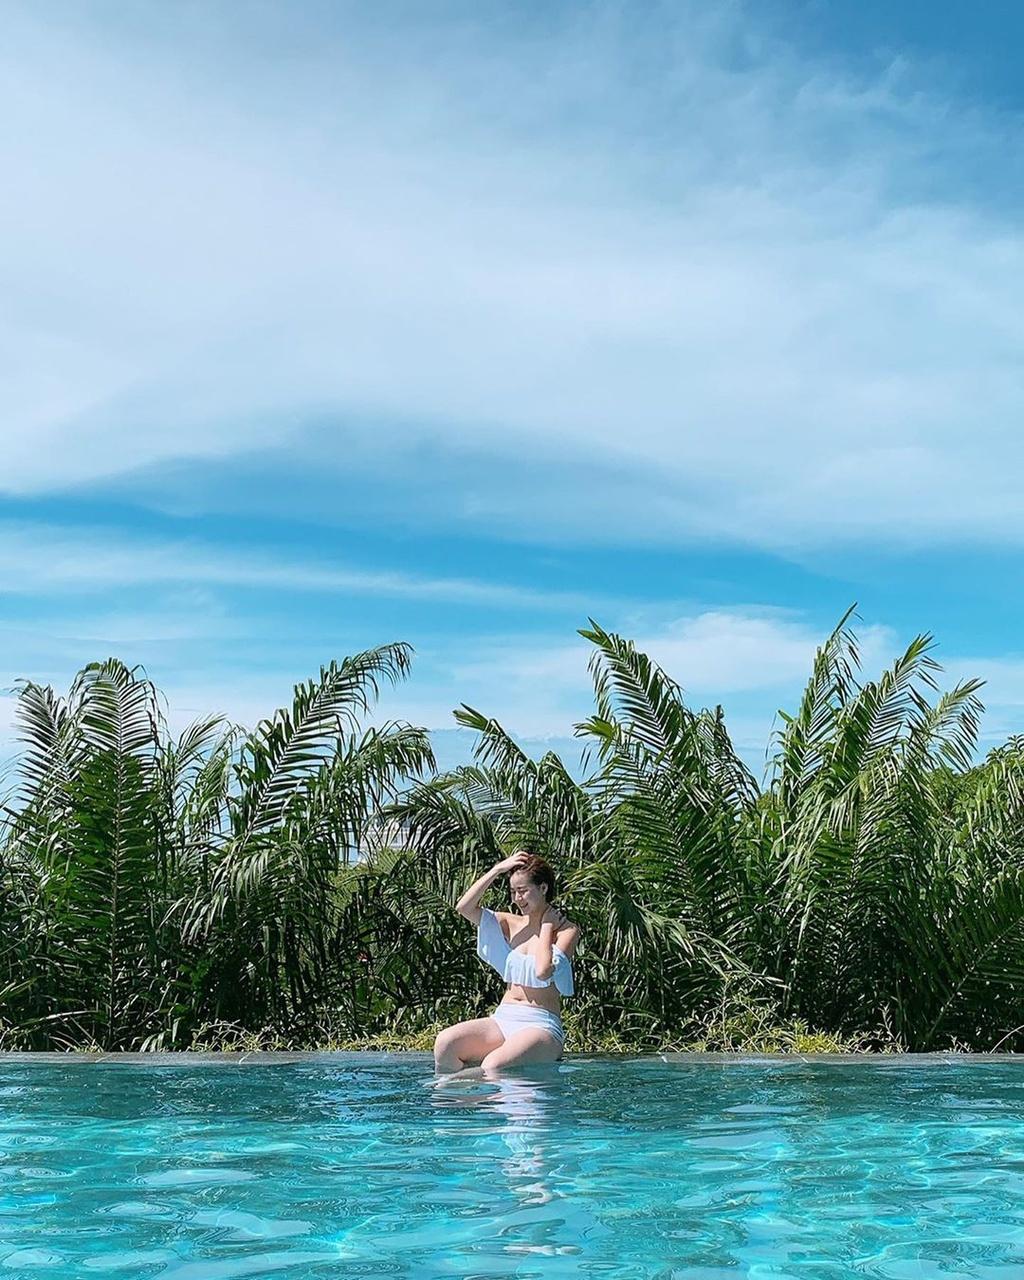 4 resort co ho boi dep tai Phu Quoc hinh anh 12  - 75572955_2368577989936377_4072326230813223071_n - 4 resort có hồ bơi đẹp tại Phú Quốc